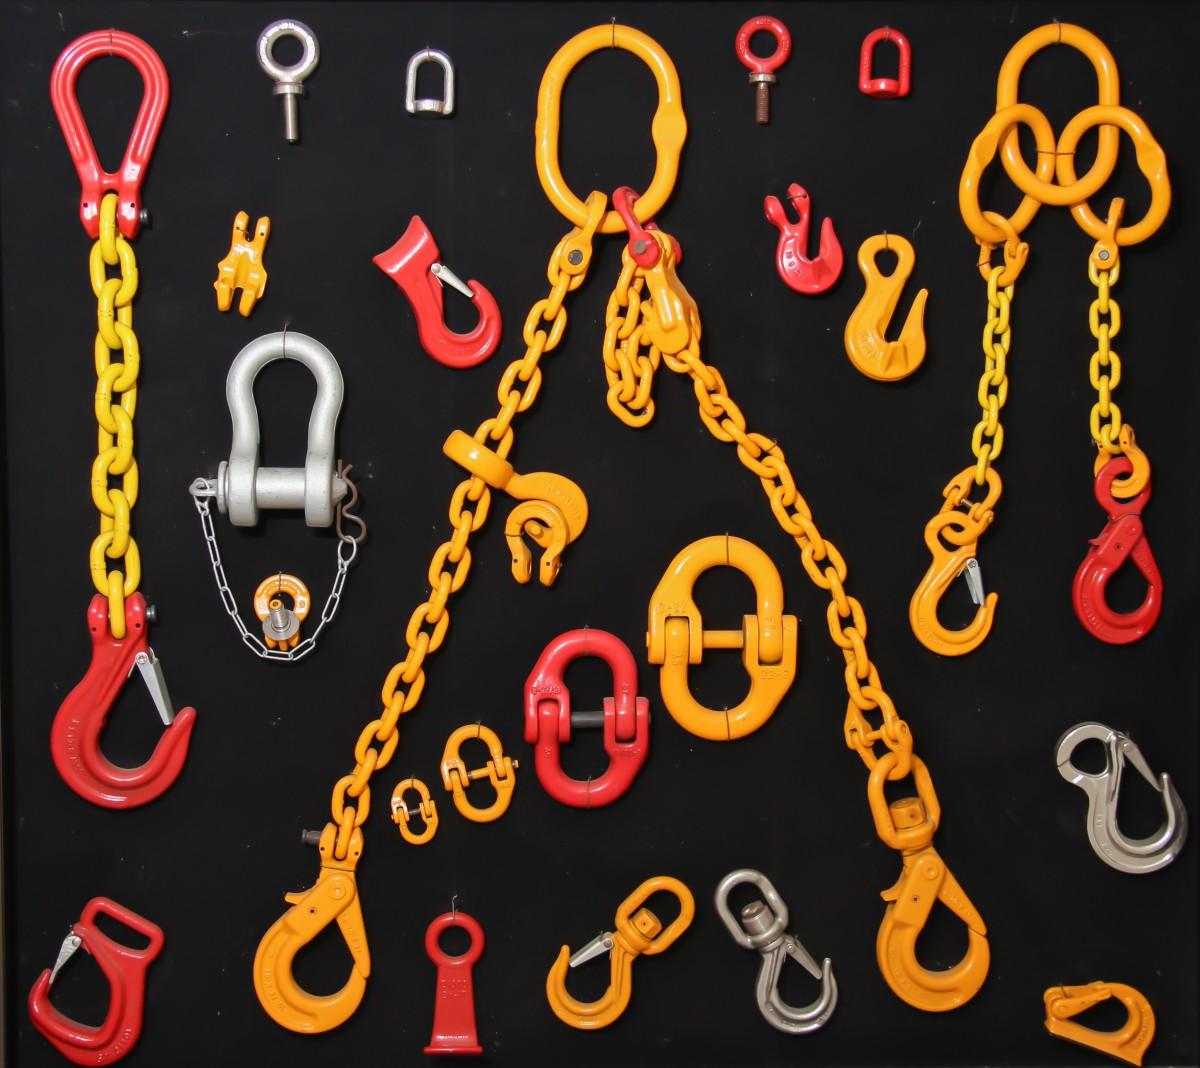 accessoires de levage et manutention nantes st nazaire asn With good plan de grande maison 14 accessoires de levage et manutention nantes st nazaire asn